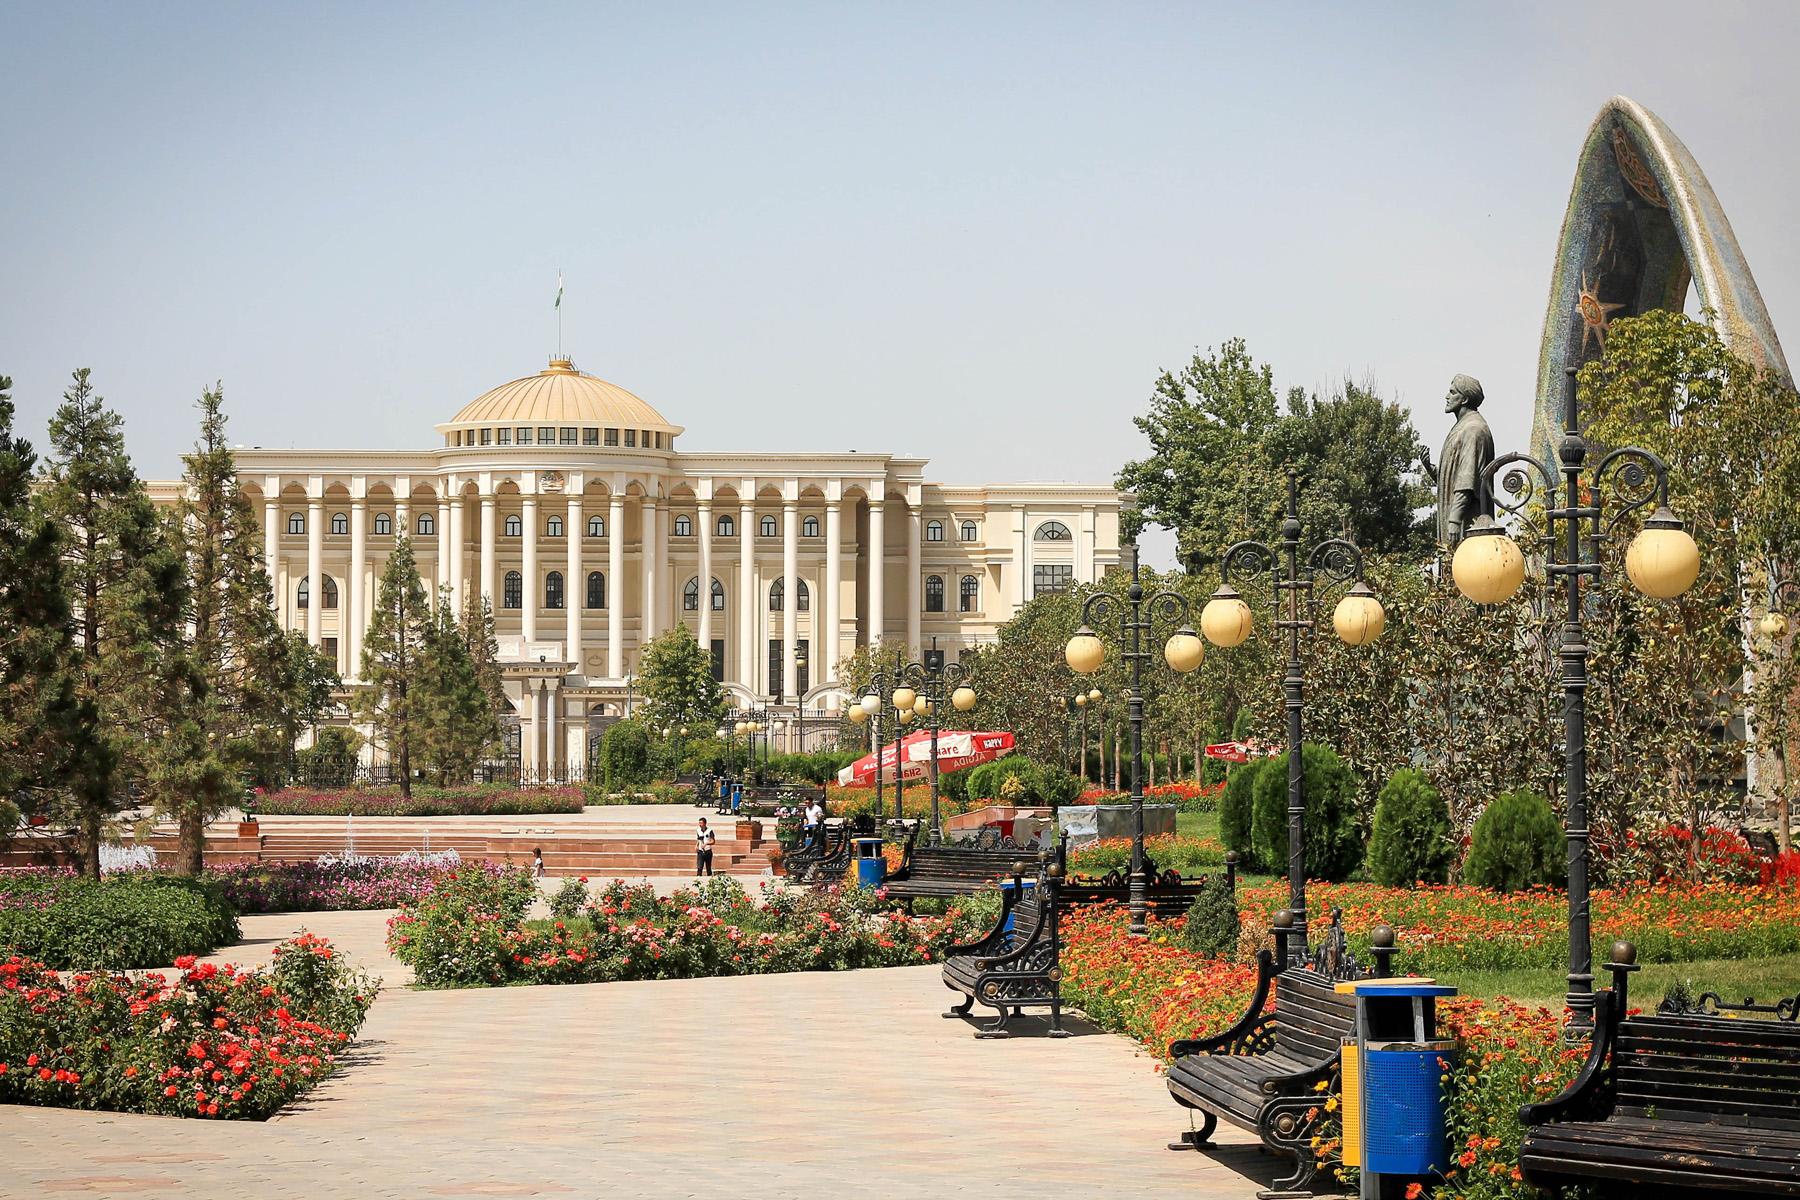 Rządowe budynki, a z prawej pomnik poety